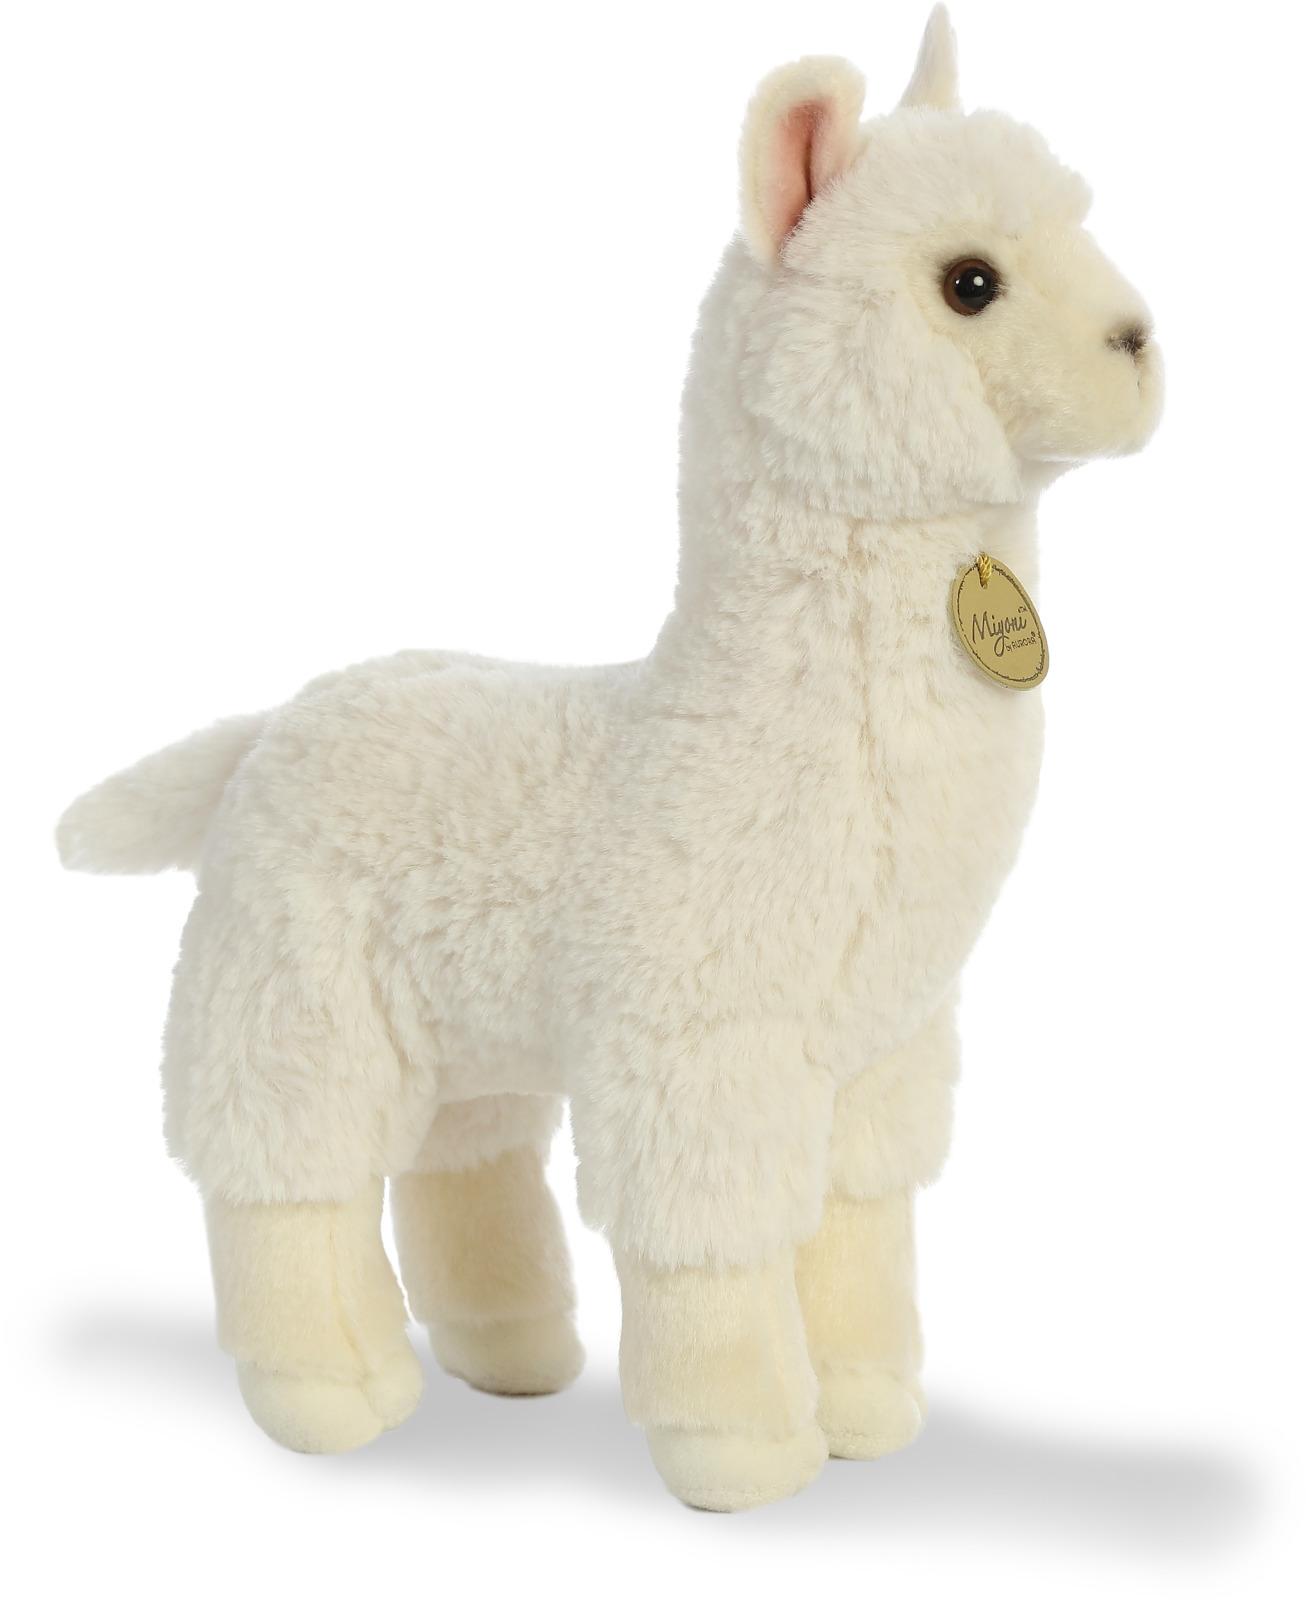 Игрушка мягкая Aurora Альпака, 30 см170542AОчаровательная плюшевая альпака от производителя Aurora. Игрушка очень приятна на ощупь, шёрстка альпаки — белого цвета, а глазки и носик — темные. Рекомендуем!